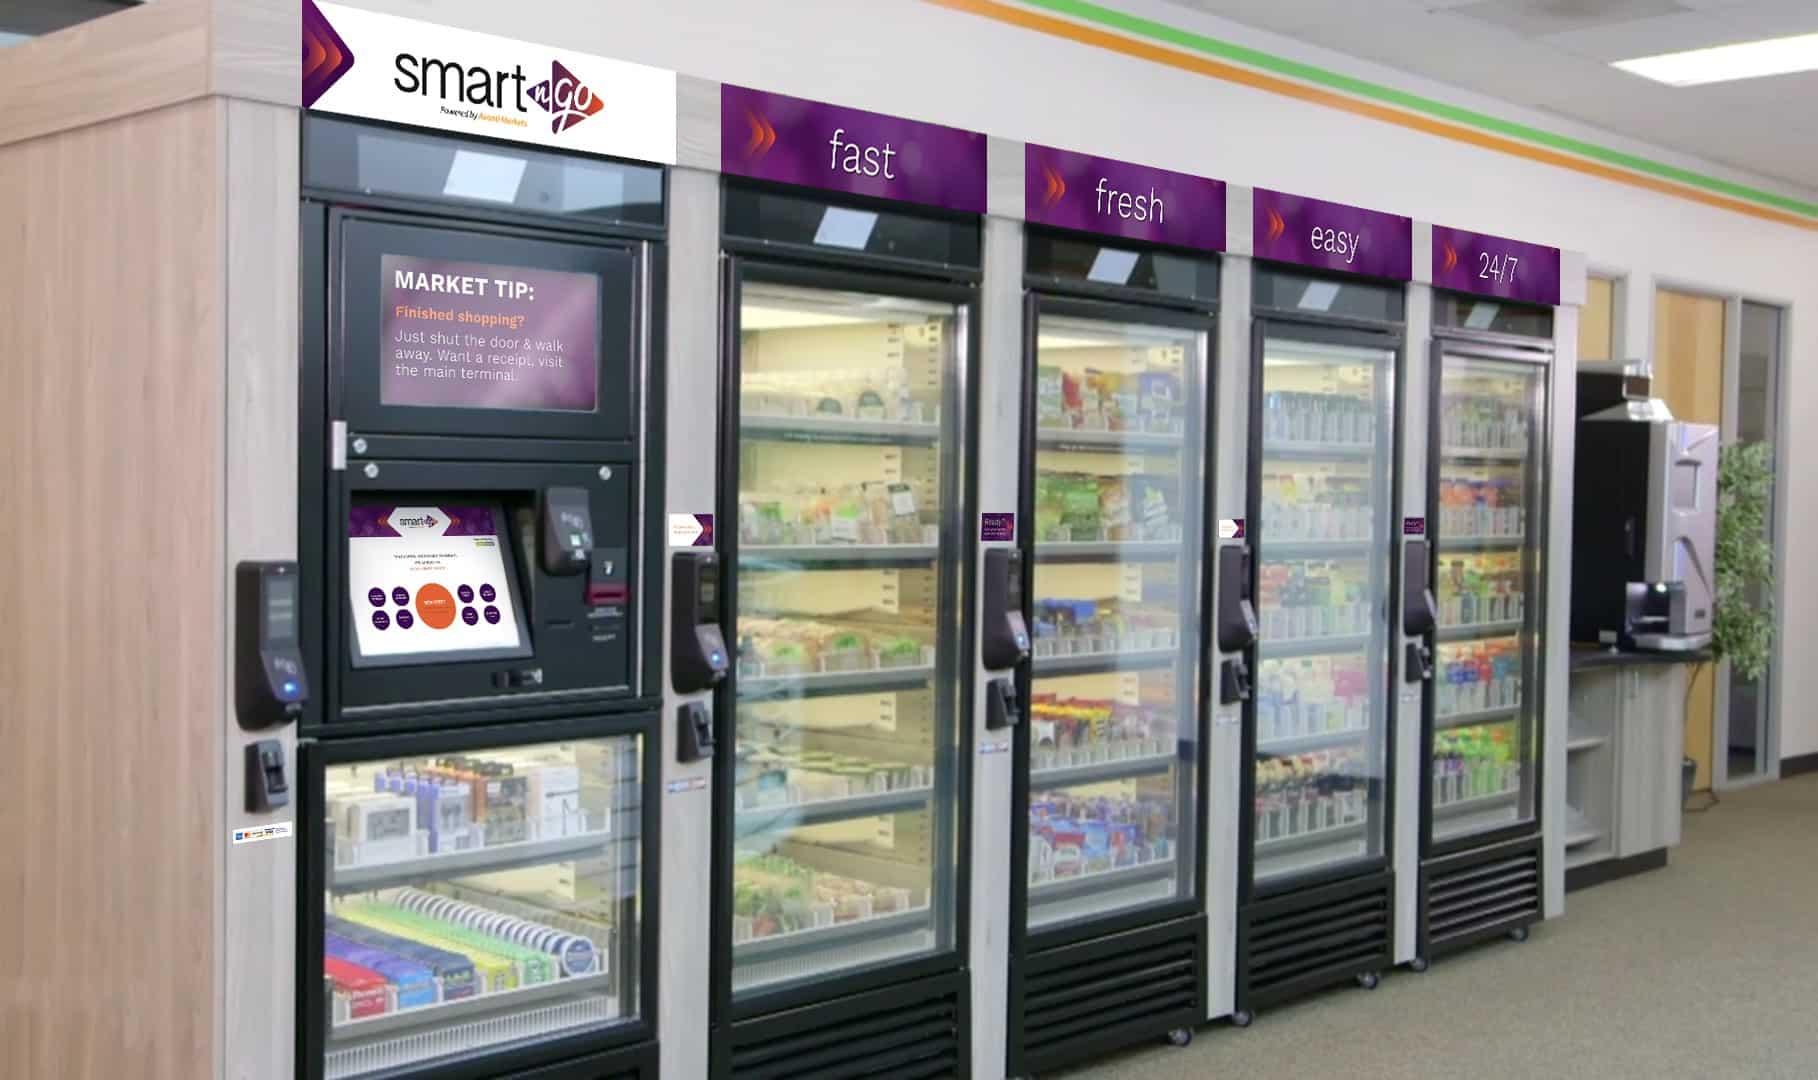 SmartNGo Markets